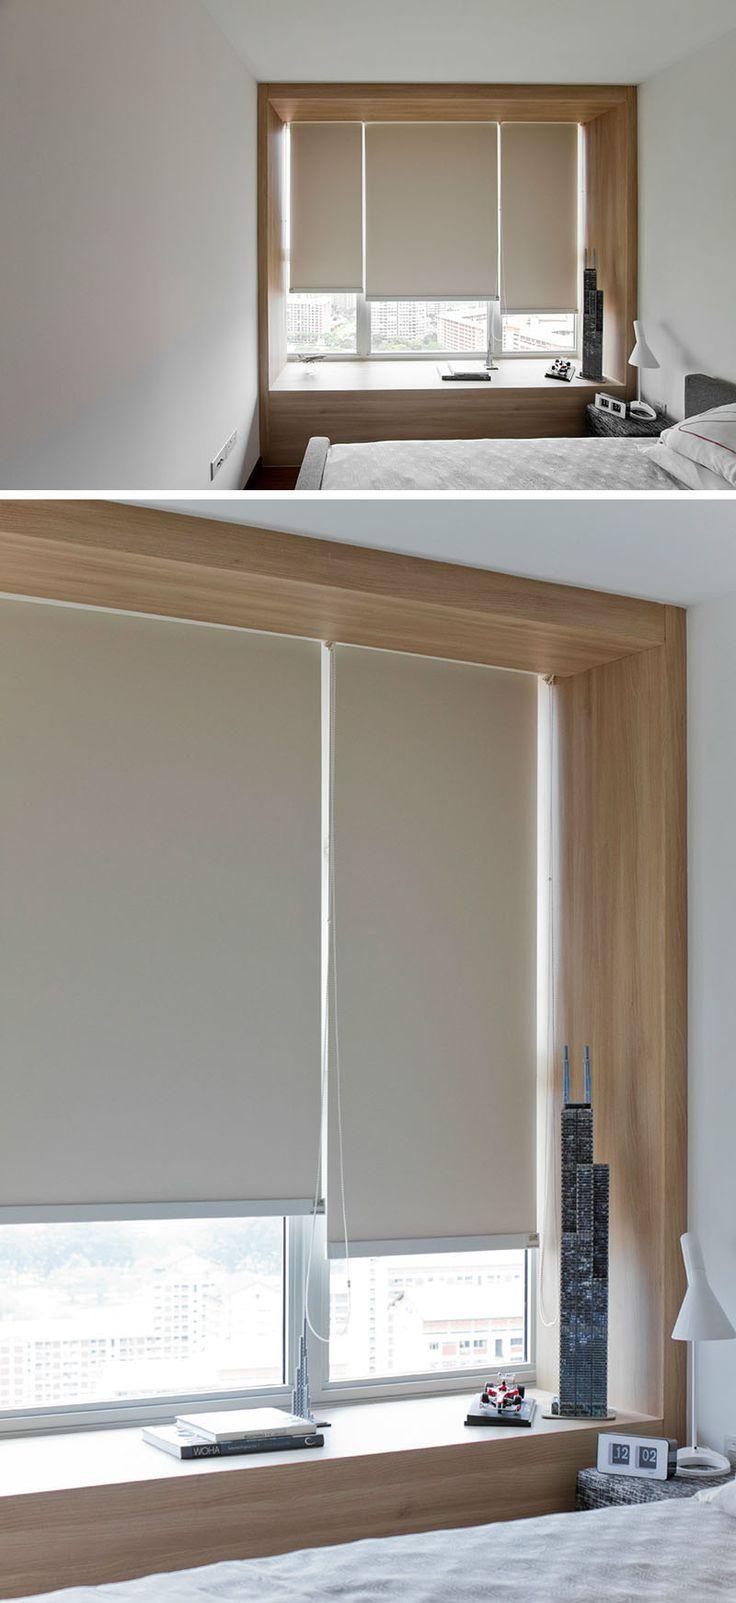 die besten 25 fensterlaibung ideen auf pinterest innen doppelt ren midcentury fenster und. Black Bedroom Furniture Sets. Home Design Ideas